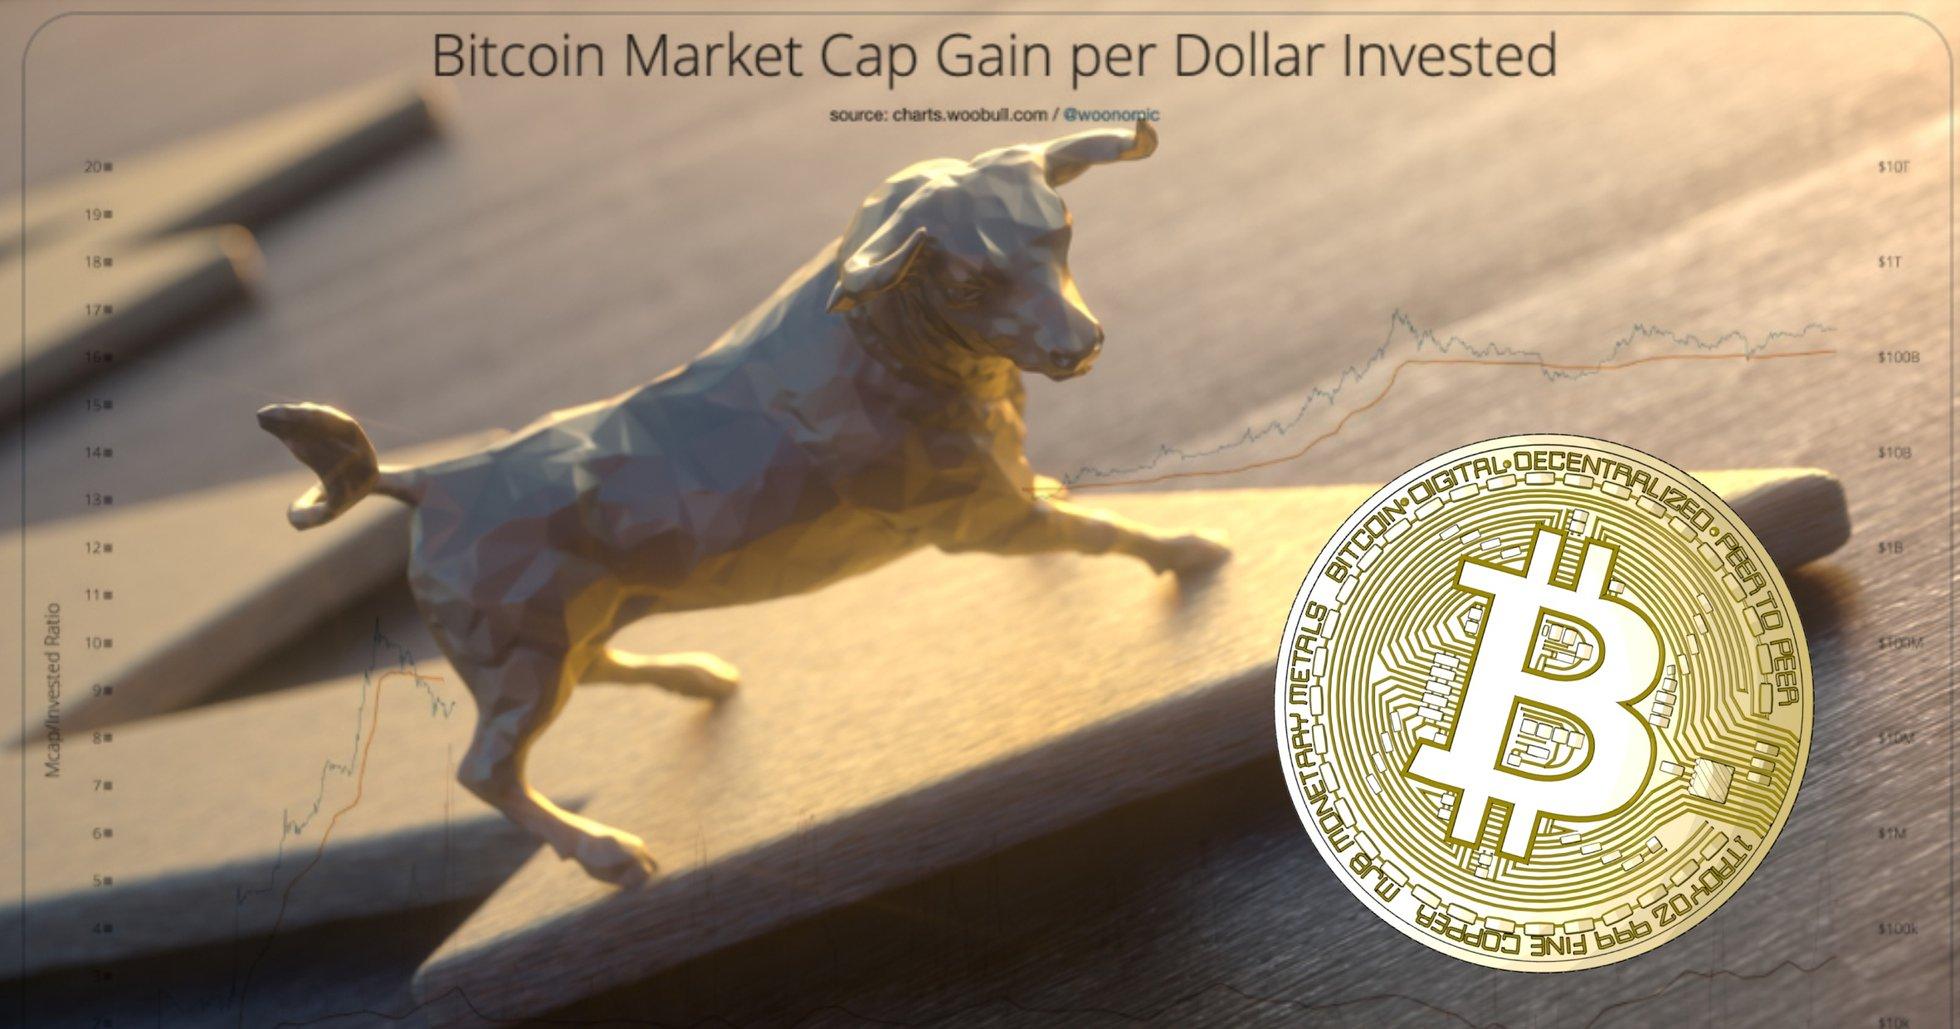 https://news.trijo.co/nyheter/kryptofond-i-ny-rapport-bitcoinmarknaden-ser-ut-som-den-gjorde-innan-tjurmarknaden-2017/